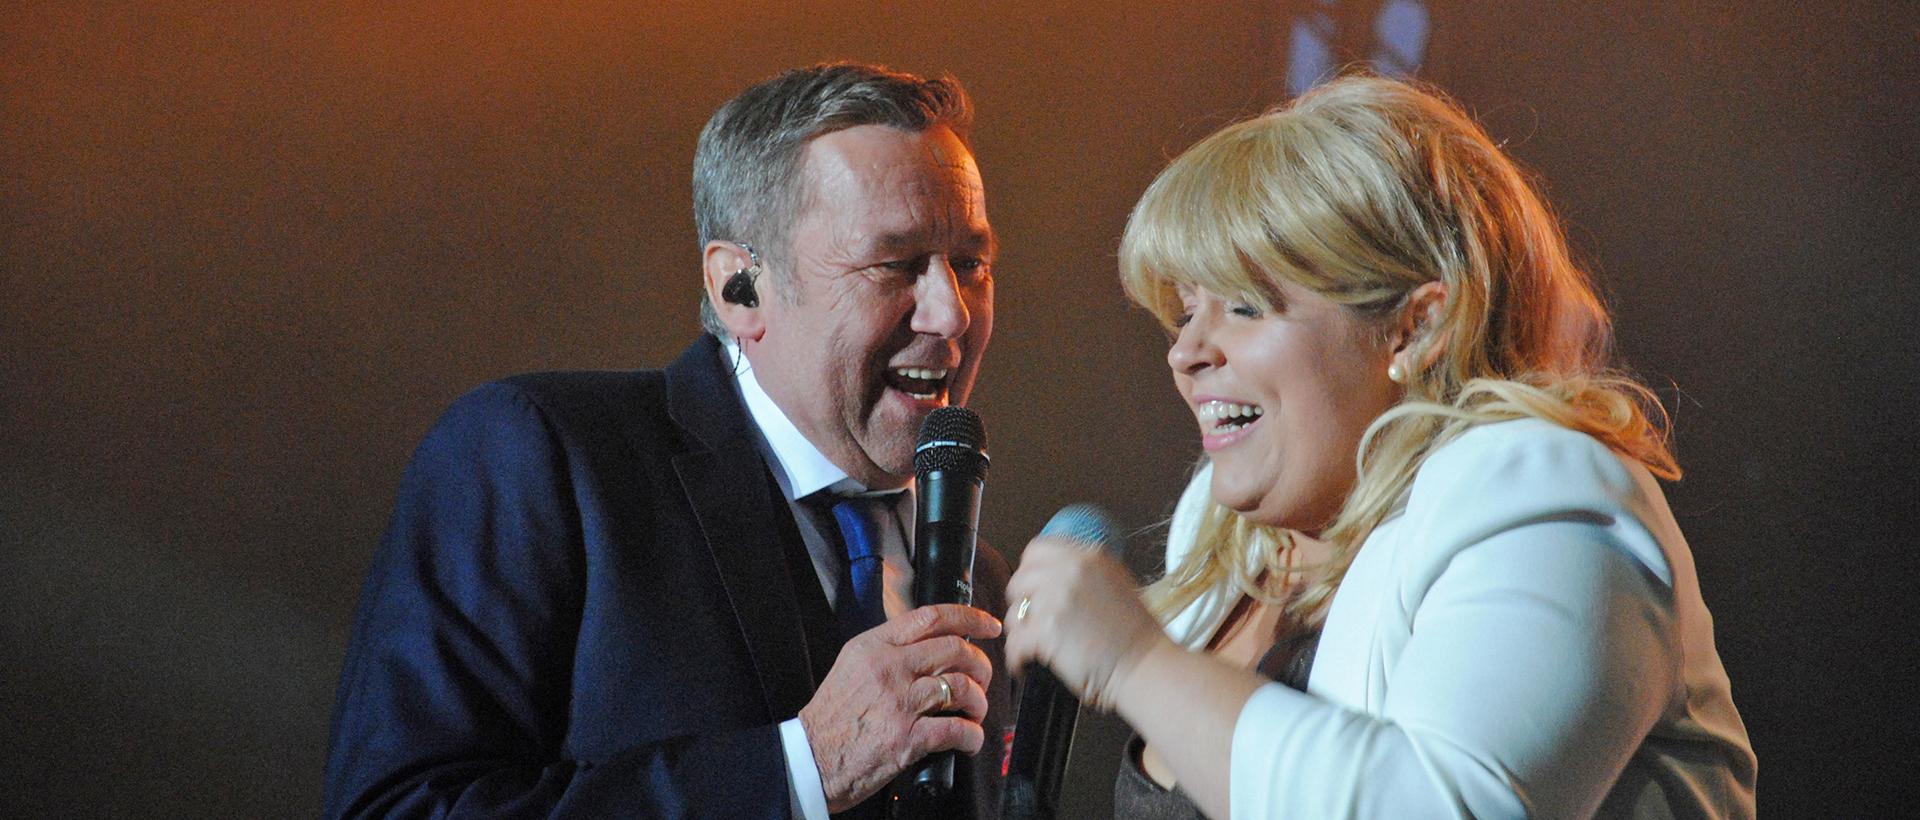 events rückblick sundkonzerte 2016 roland kaiser maite kelly events in vorpommern